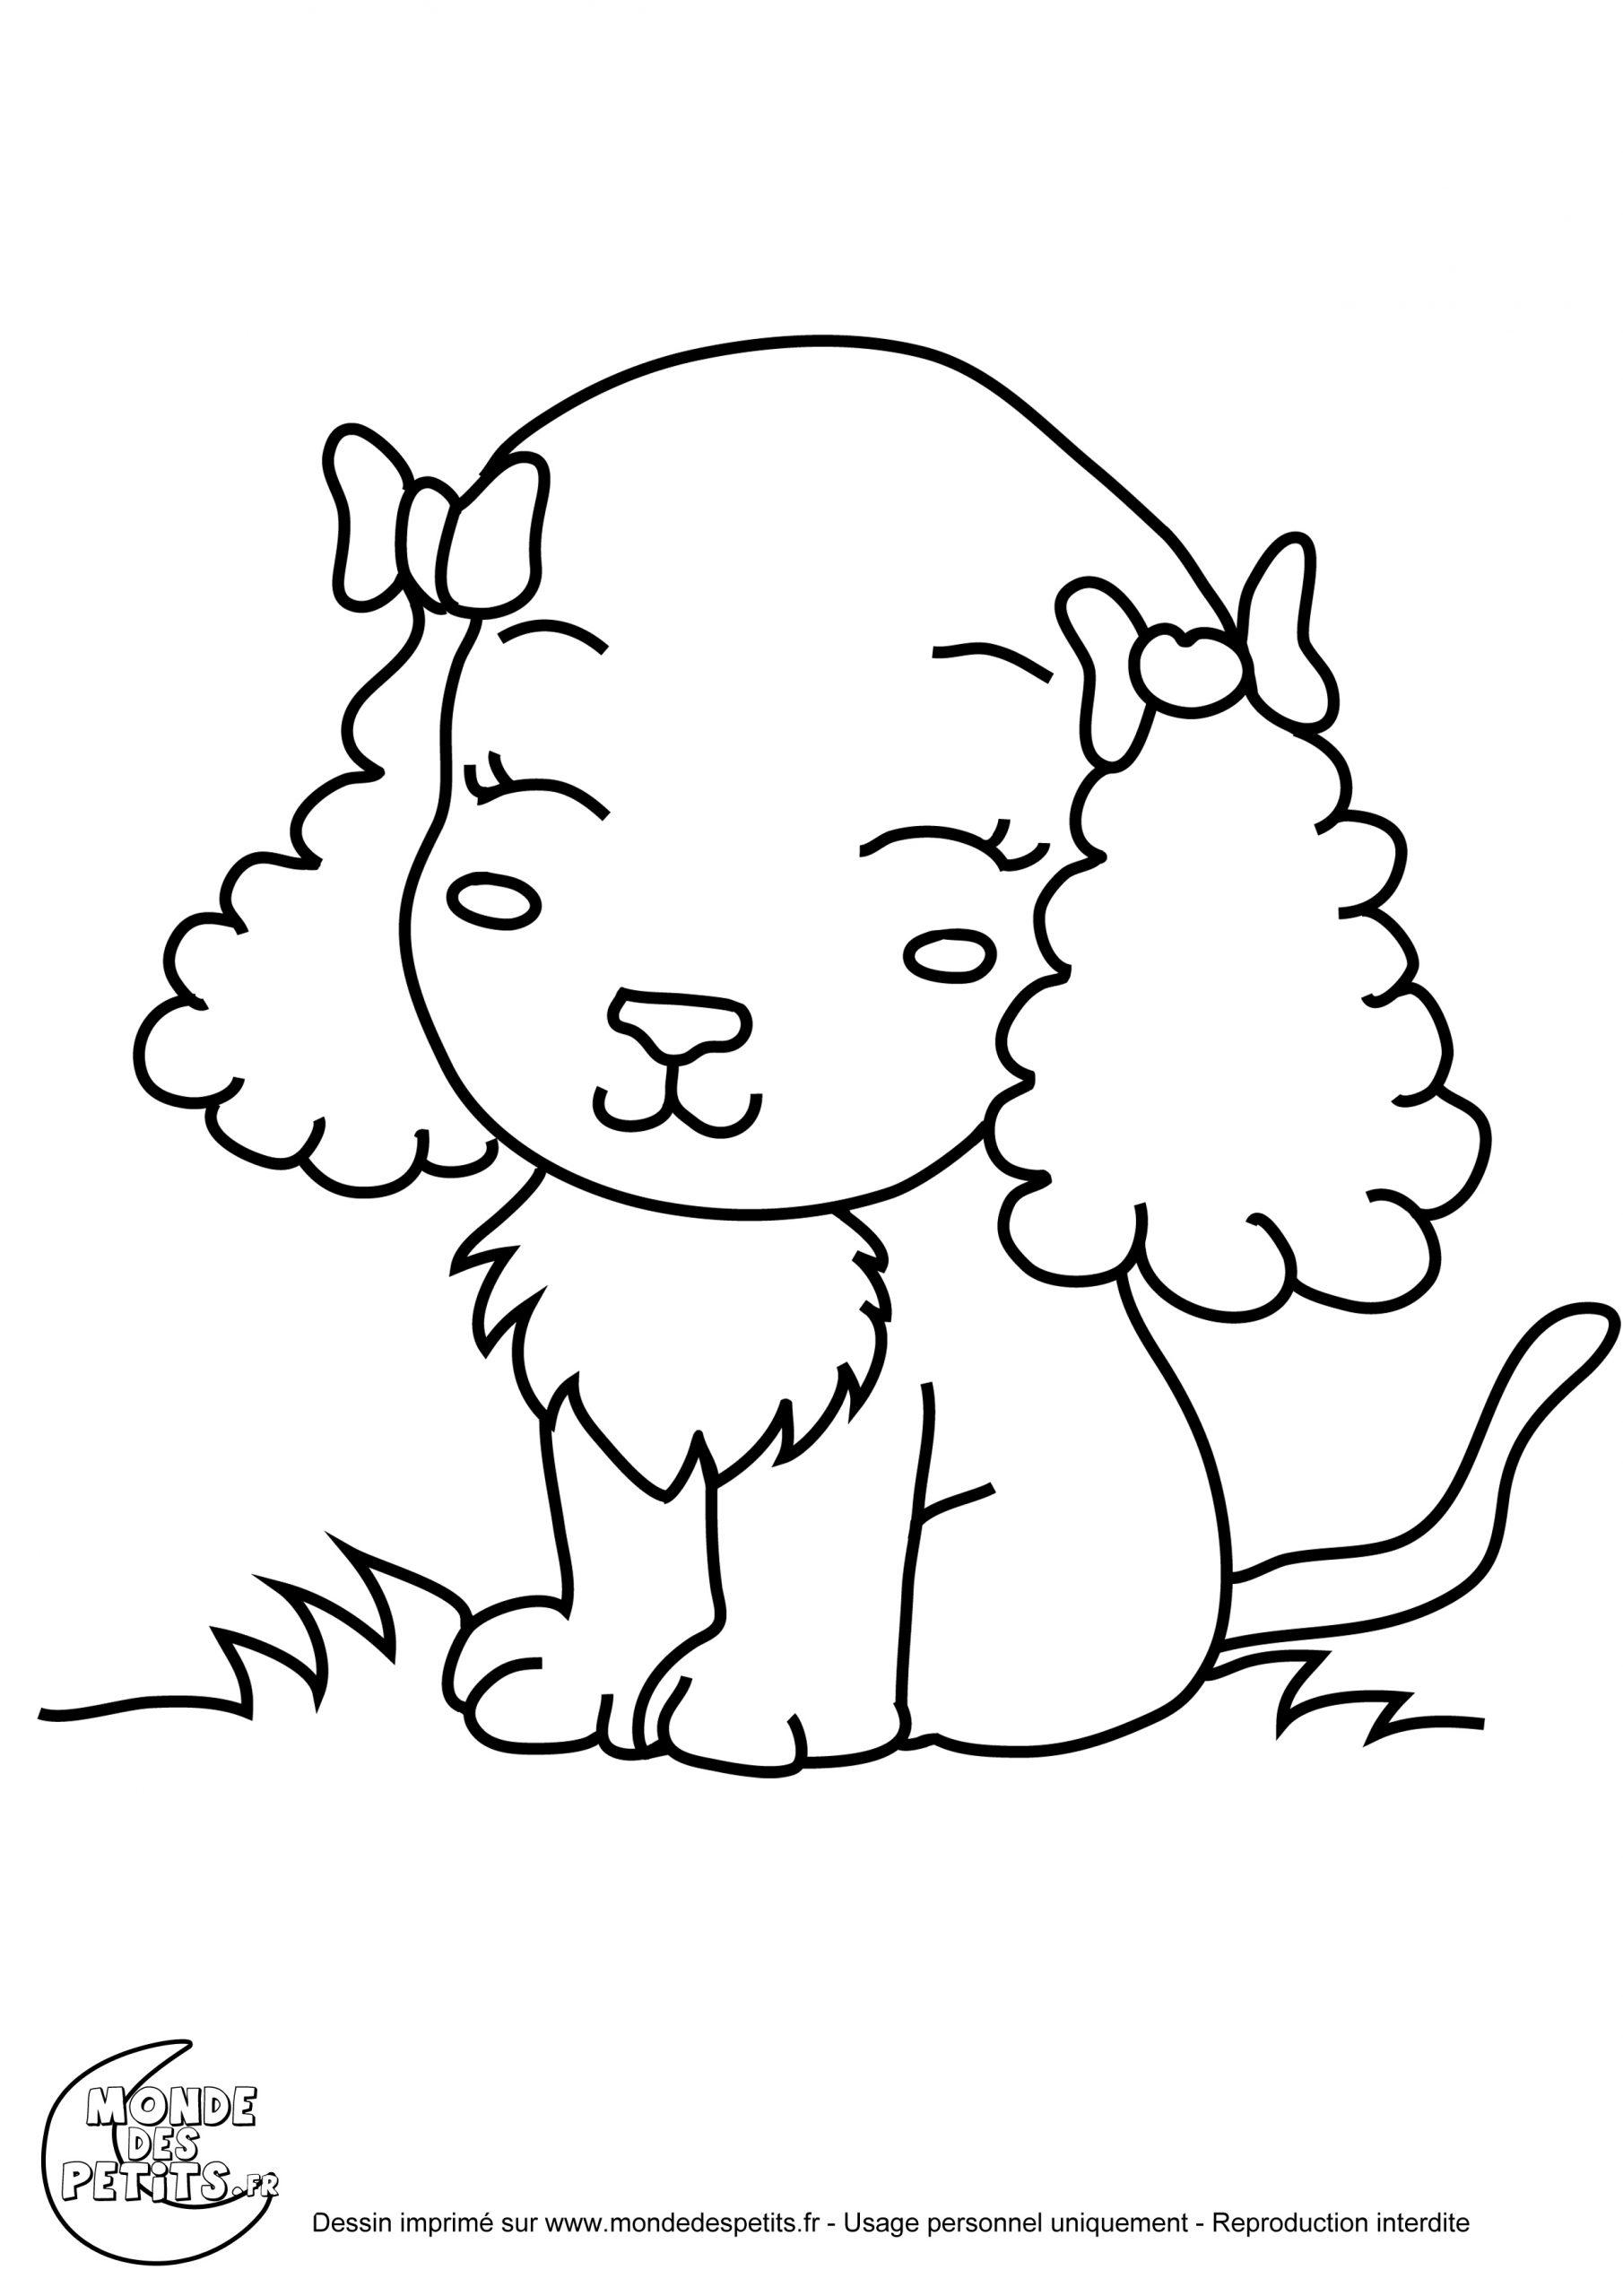 Coloriage Chiot - Les Beaux Dessins De Animaux À Imprimer Et tout Coloriage De Chiot A Imprimer